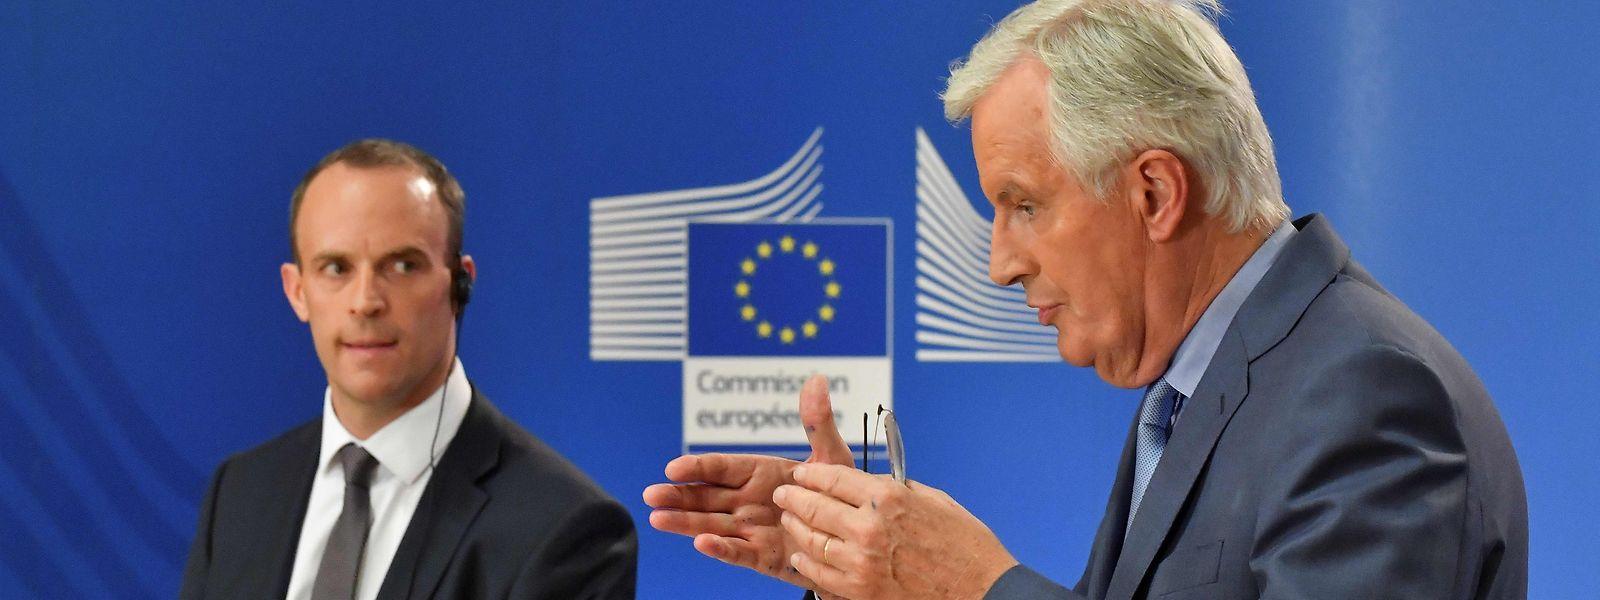 EU-Unterhändler Michel Barnier (R) und der britische Brexit-Minister Dominic Raab.